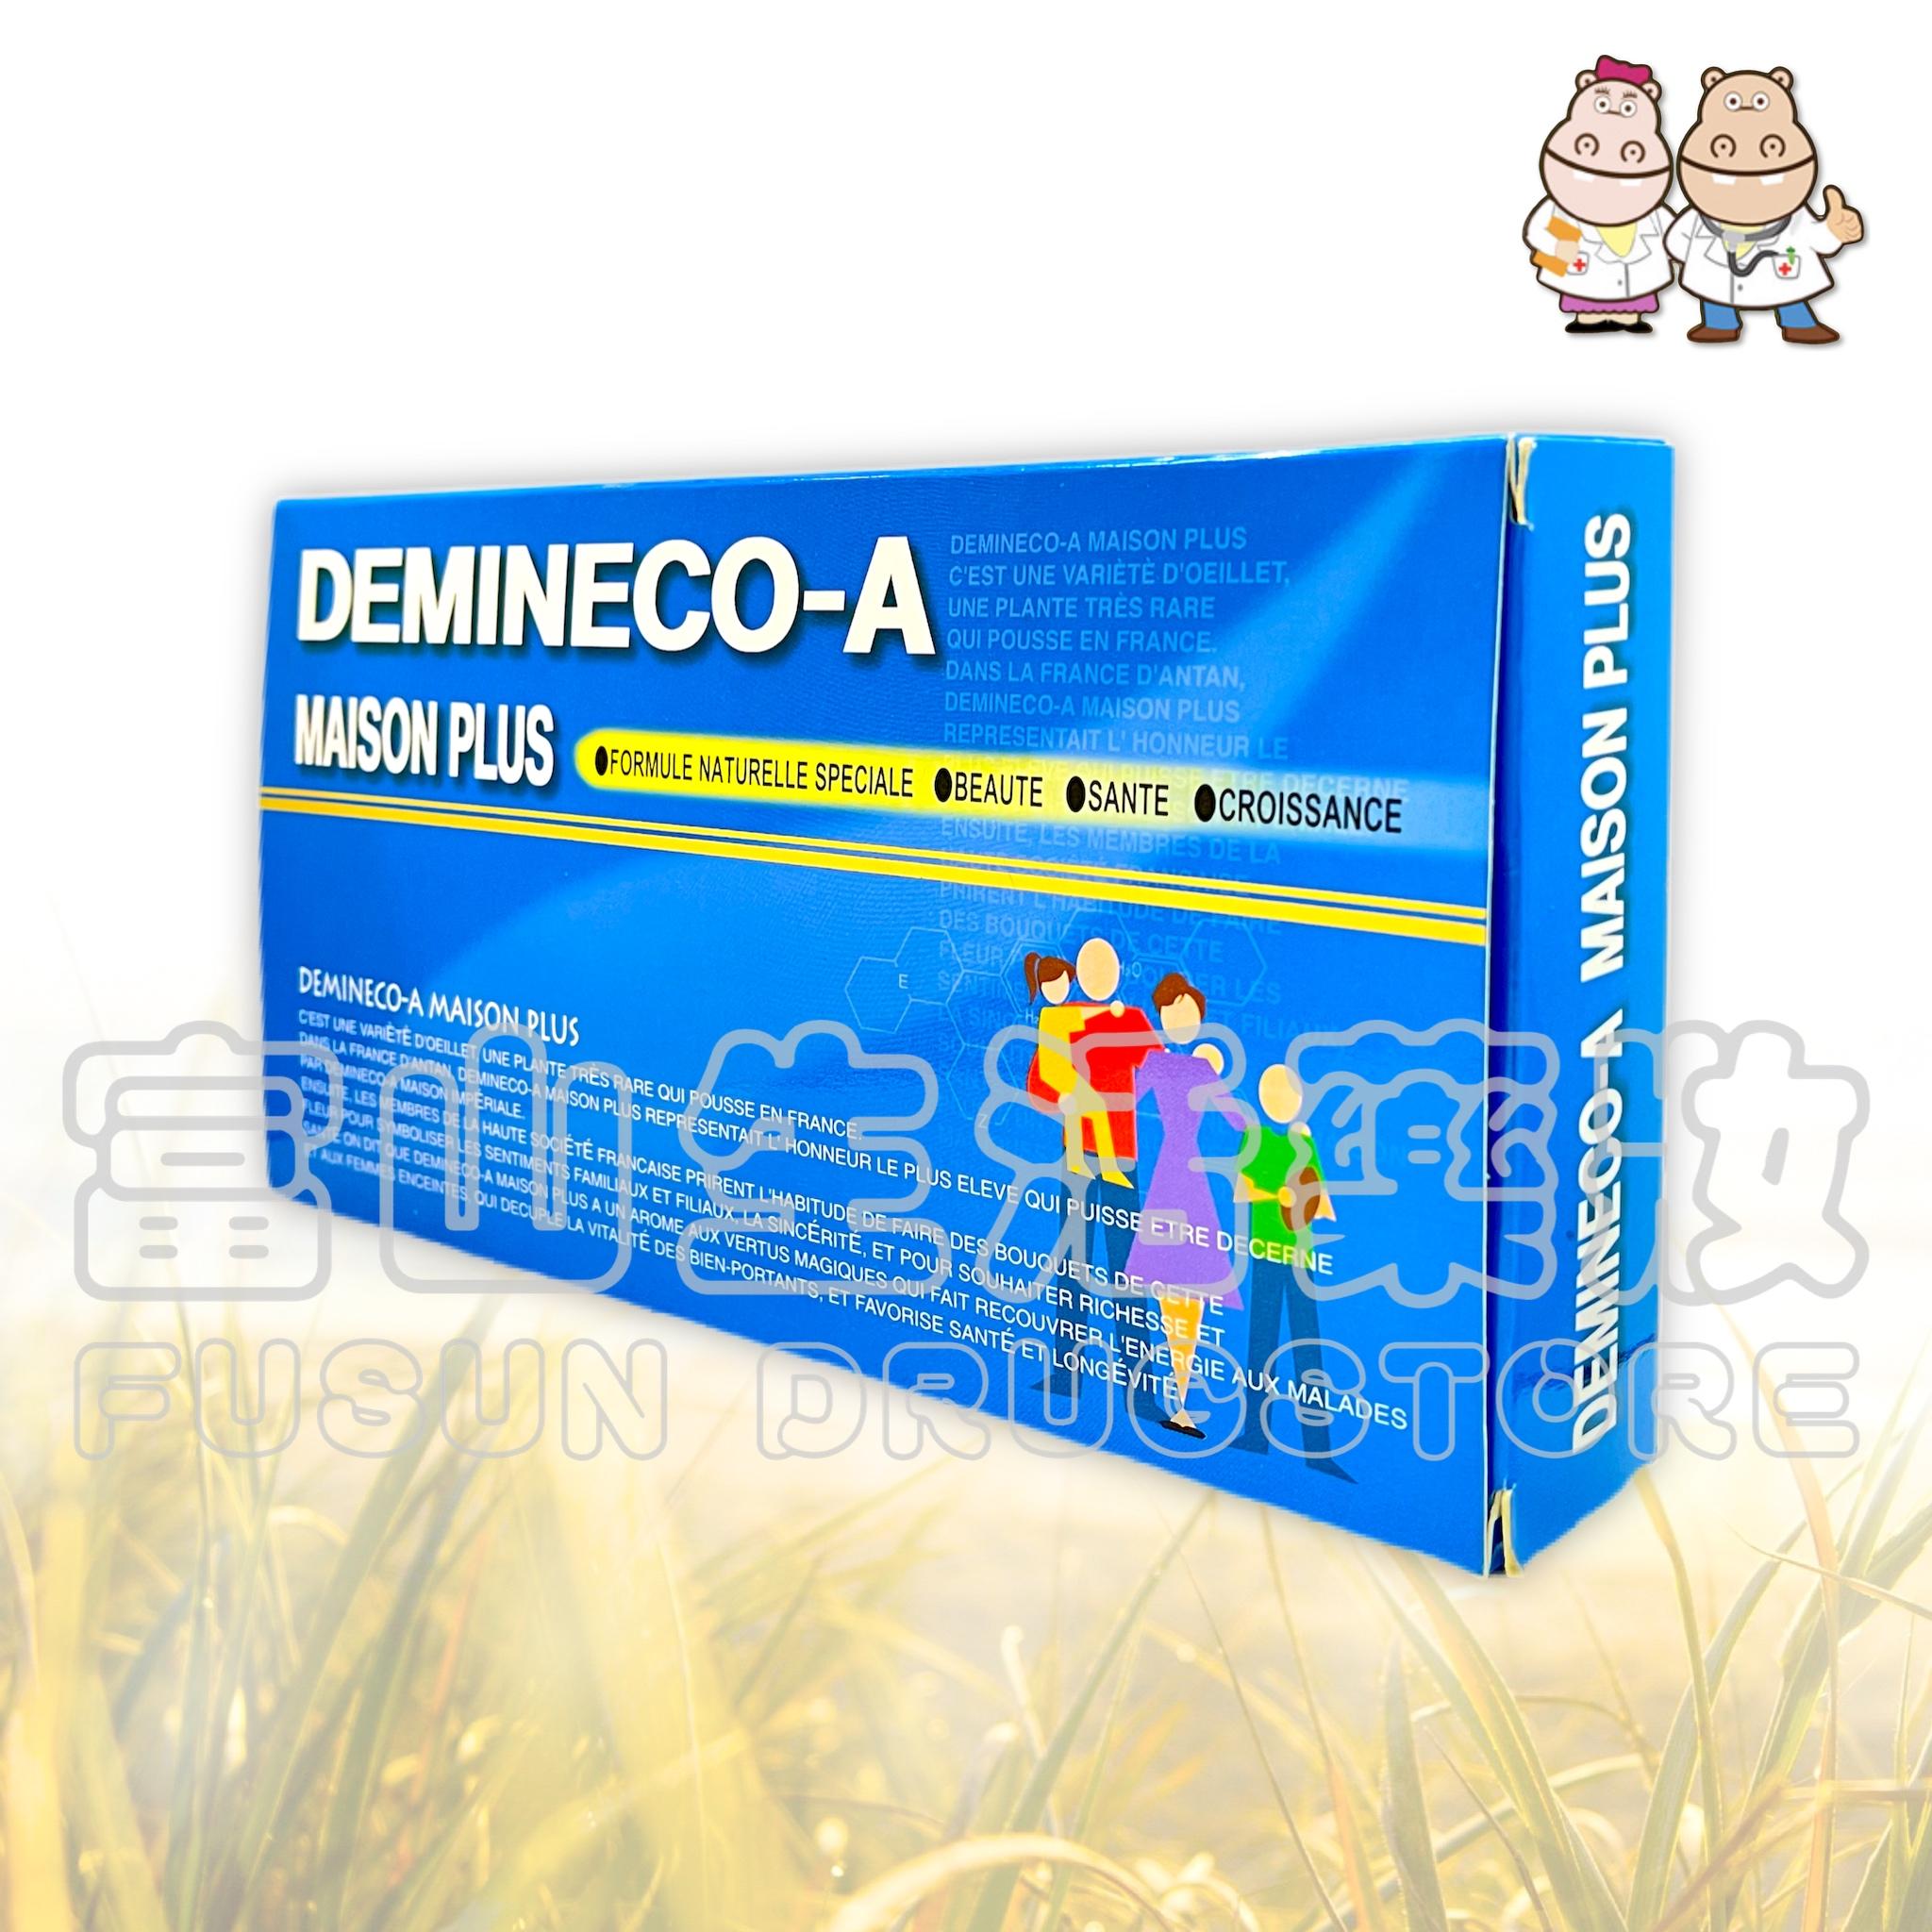 體敏康-A Demineco-A 生理補精【富山】